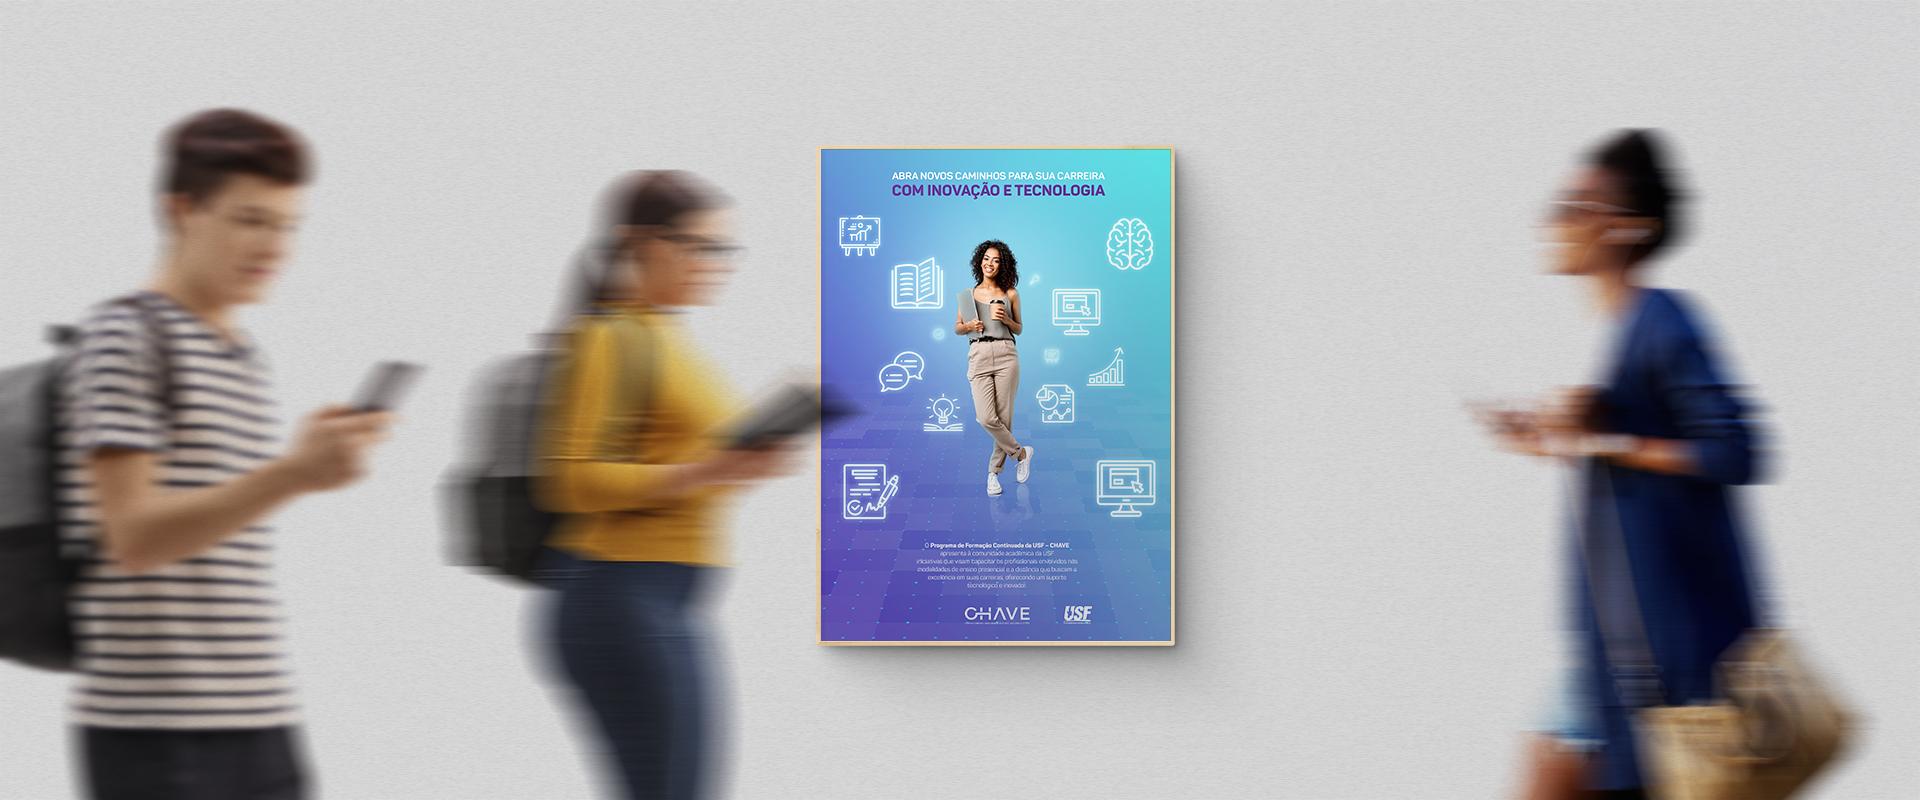 Identidade visual do novo programa interno da USF alia inovação ao ensino